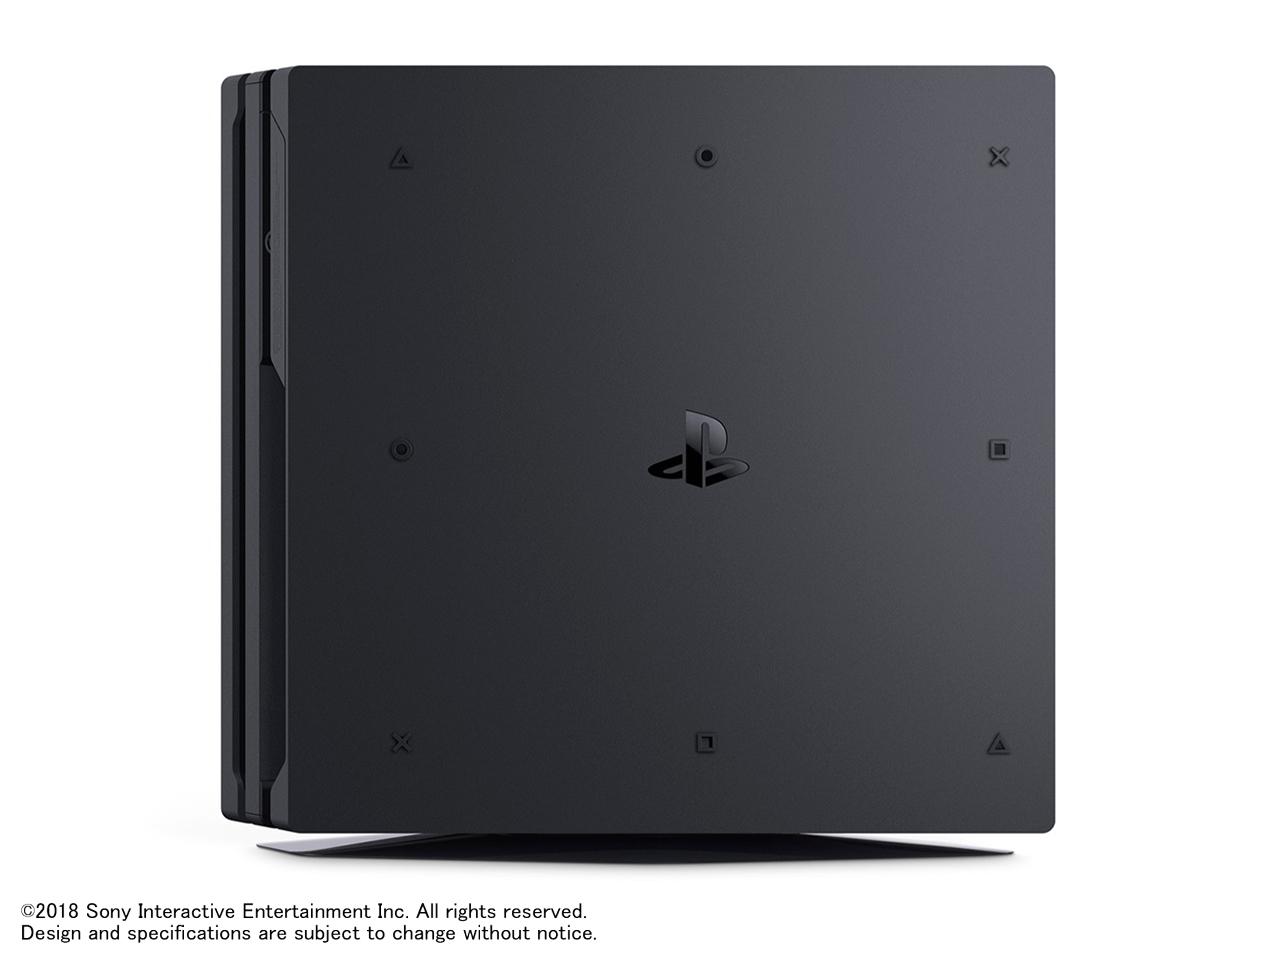 『本体 縦置き 左側面』 プレイステーション4 Pro CUH-7200CB01 [2TB] の製品画像